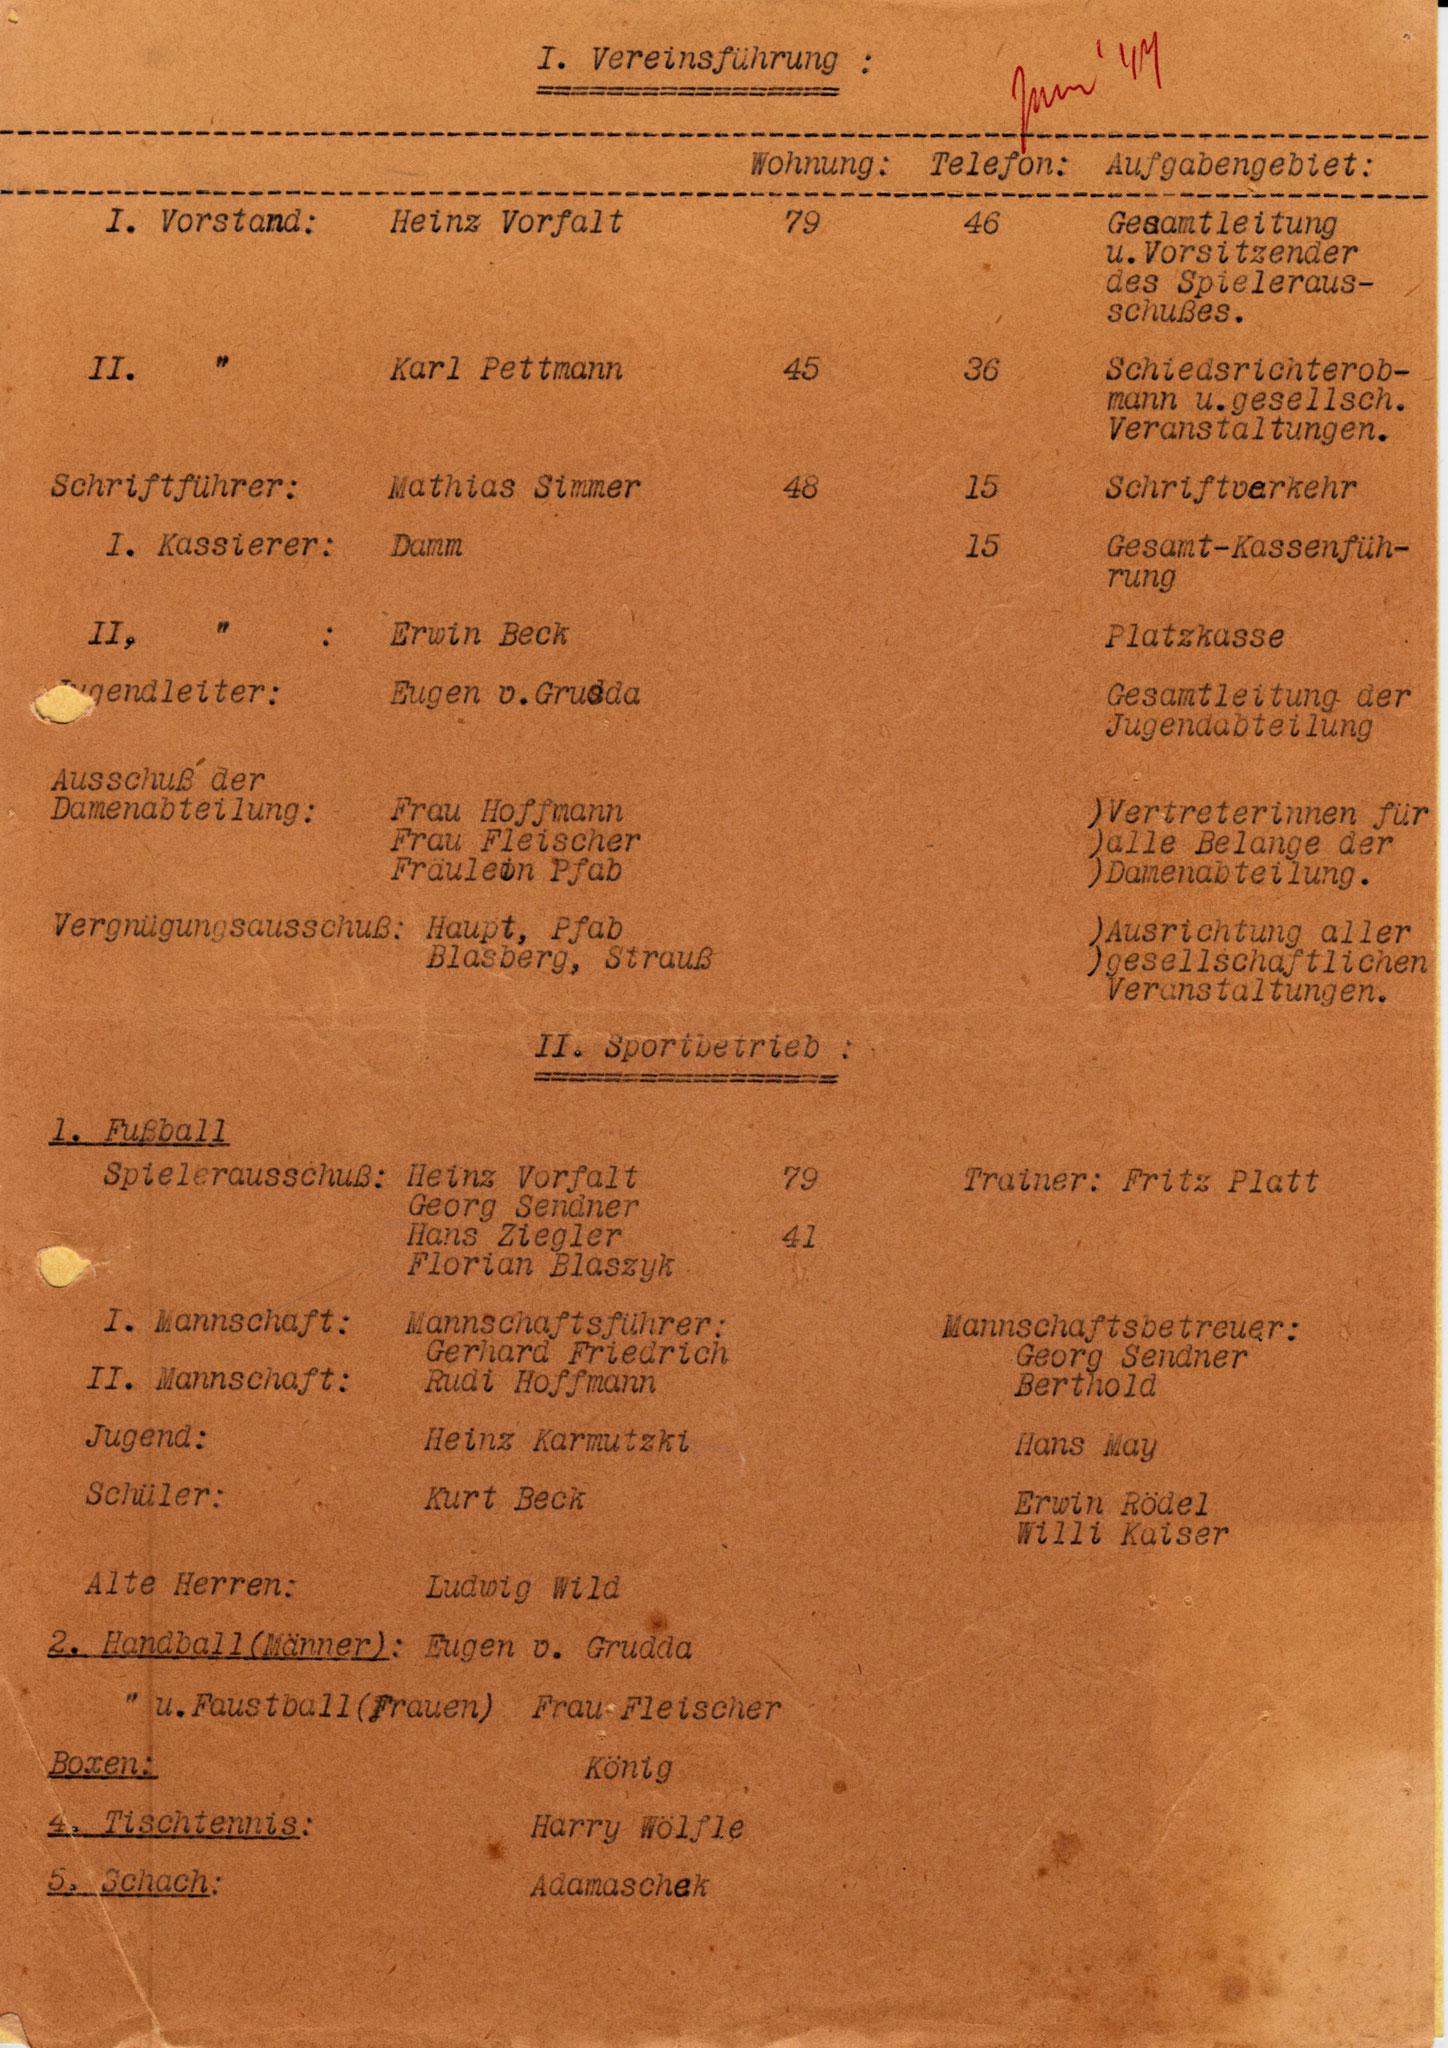 Welcher Vorstand hatte 1947 das Sagen?